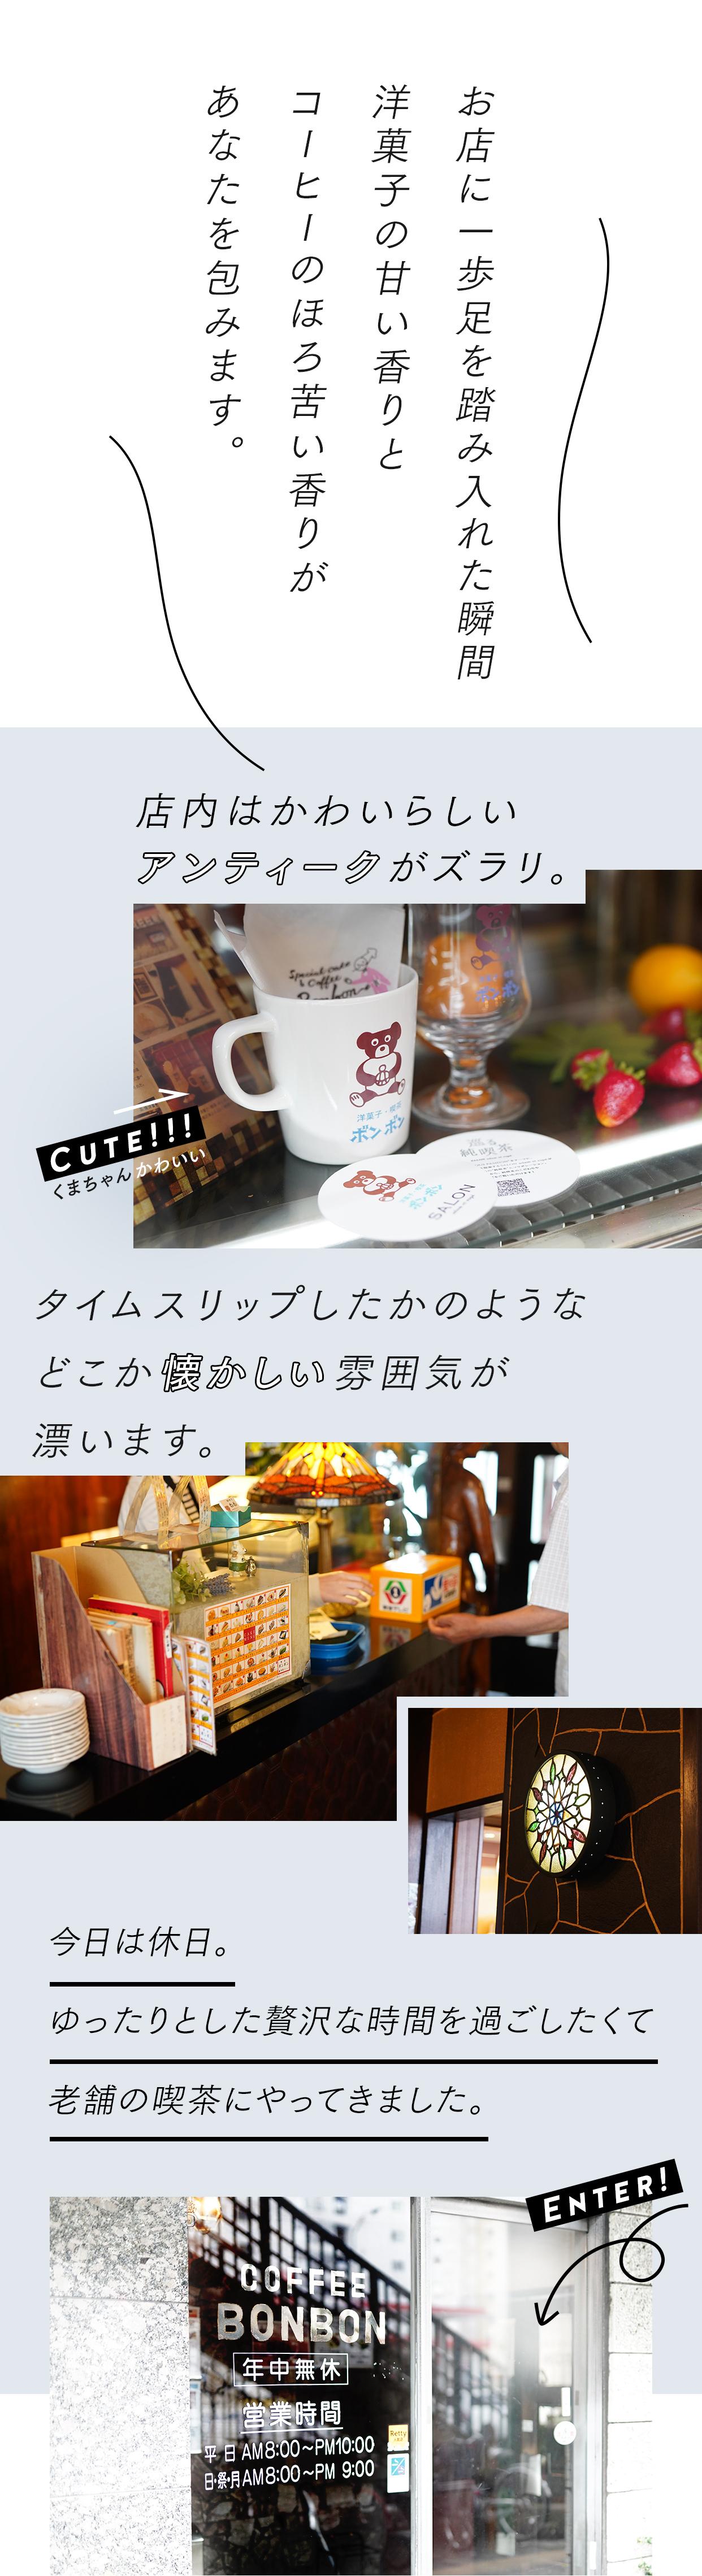 レトロとプリン。名古屋の老舗喫茶「ボンボン」でちょっとお茶でもしませんか。 - bonbon 02